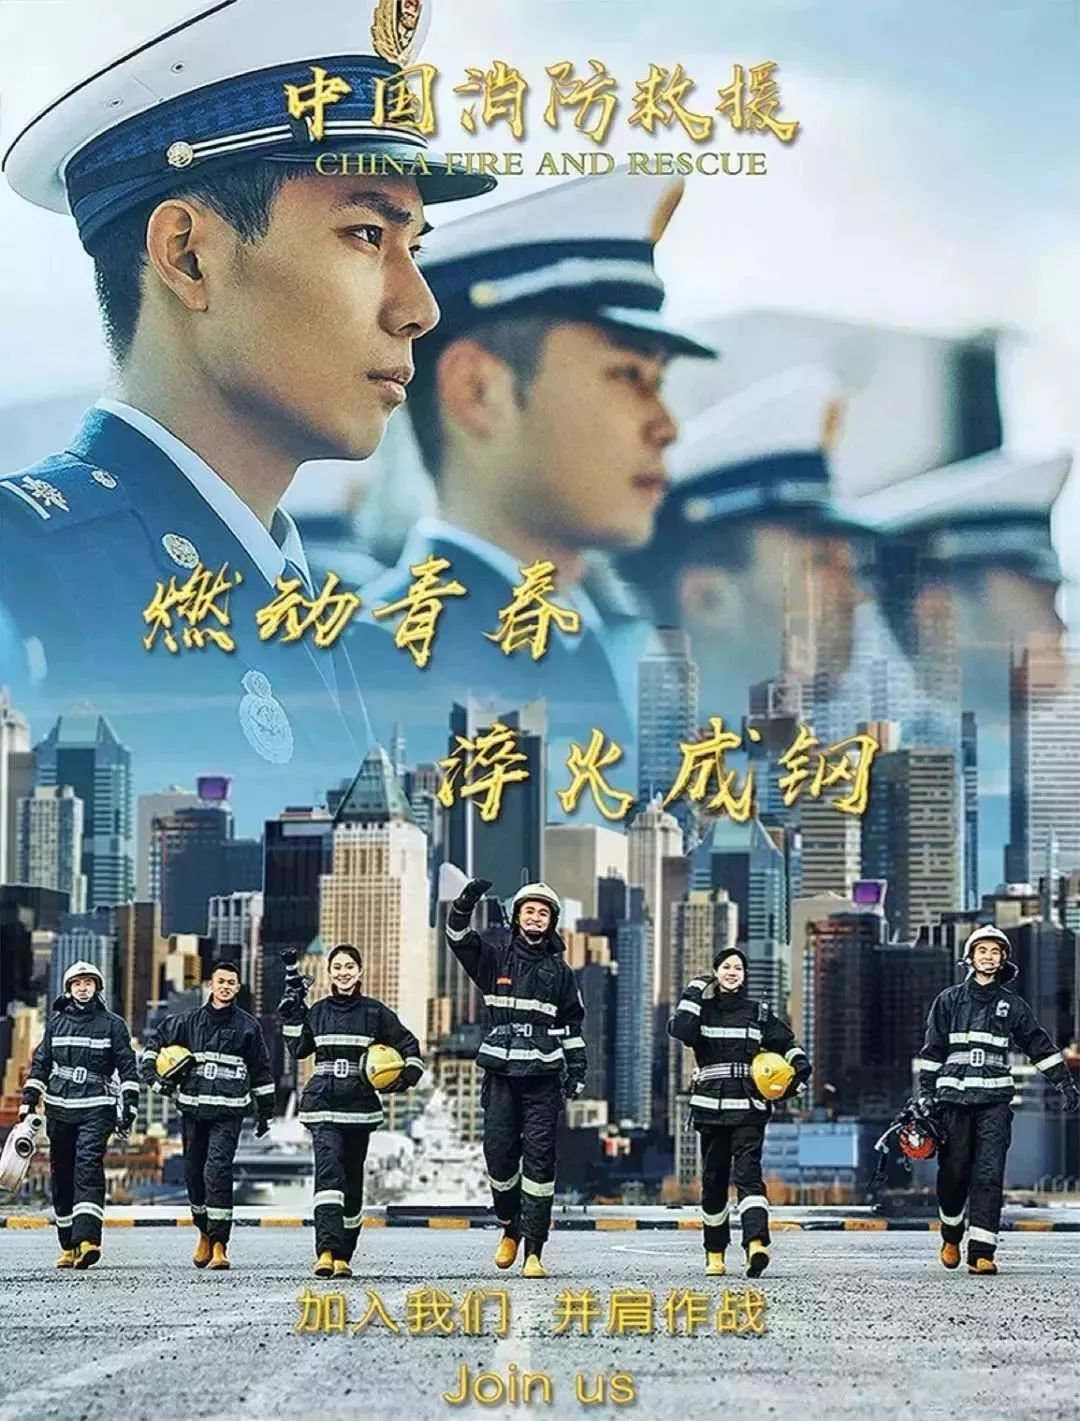 招聘 | 湖北招录757名消防员,10月10日网上报名截止